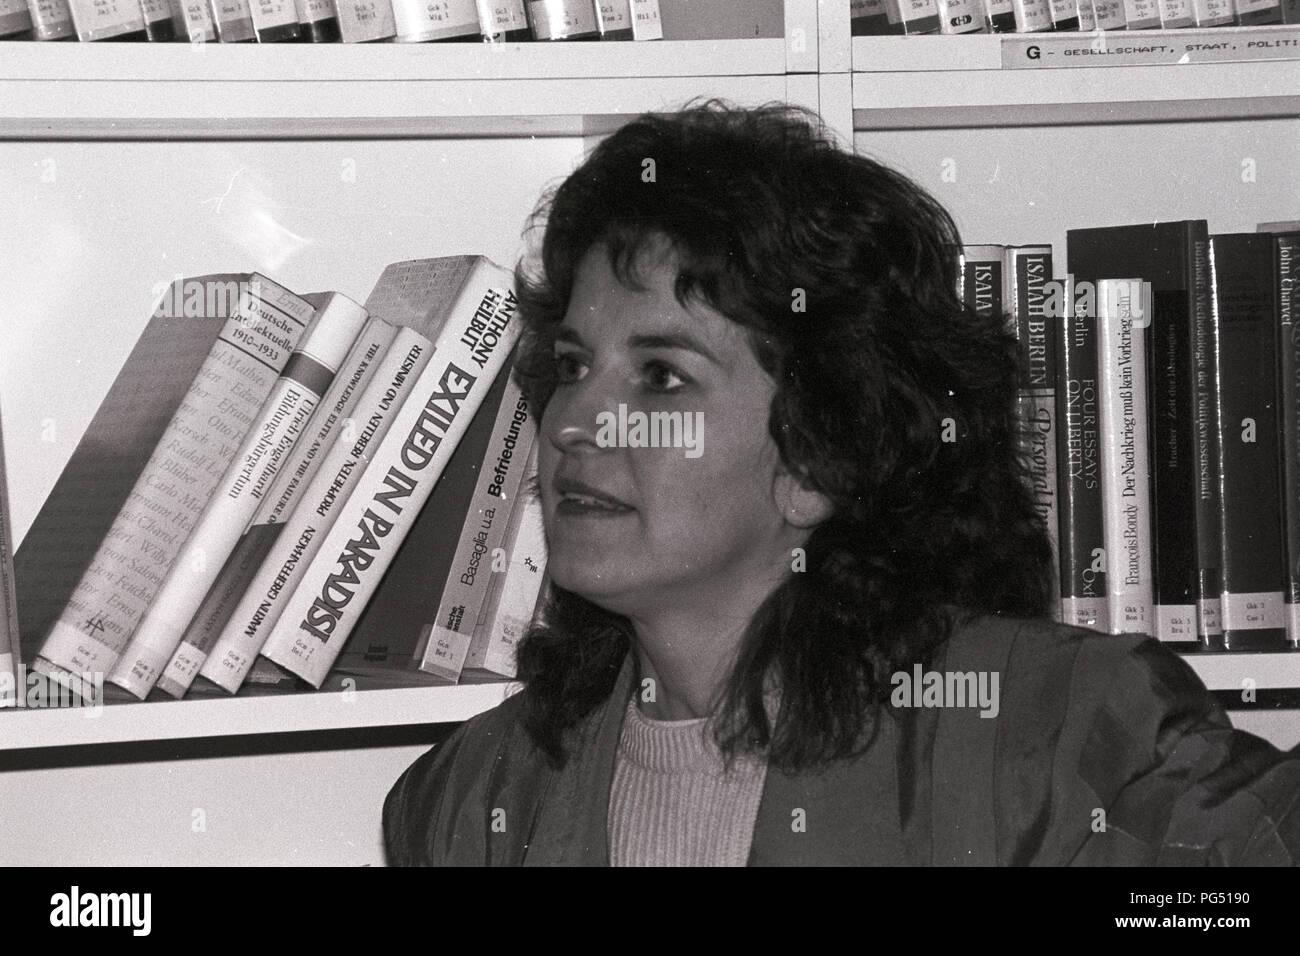 El estudioso de la literatura y filósofo Cornelia Klinger en una reunión del IWM (Instituto de Ciencias Humanas) en Viena. Klinger condujo el IWM desde 2013 a 2015. Foto de stock